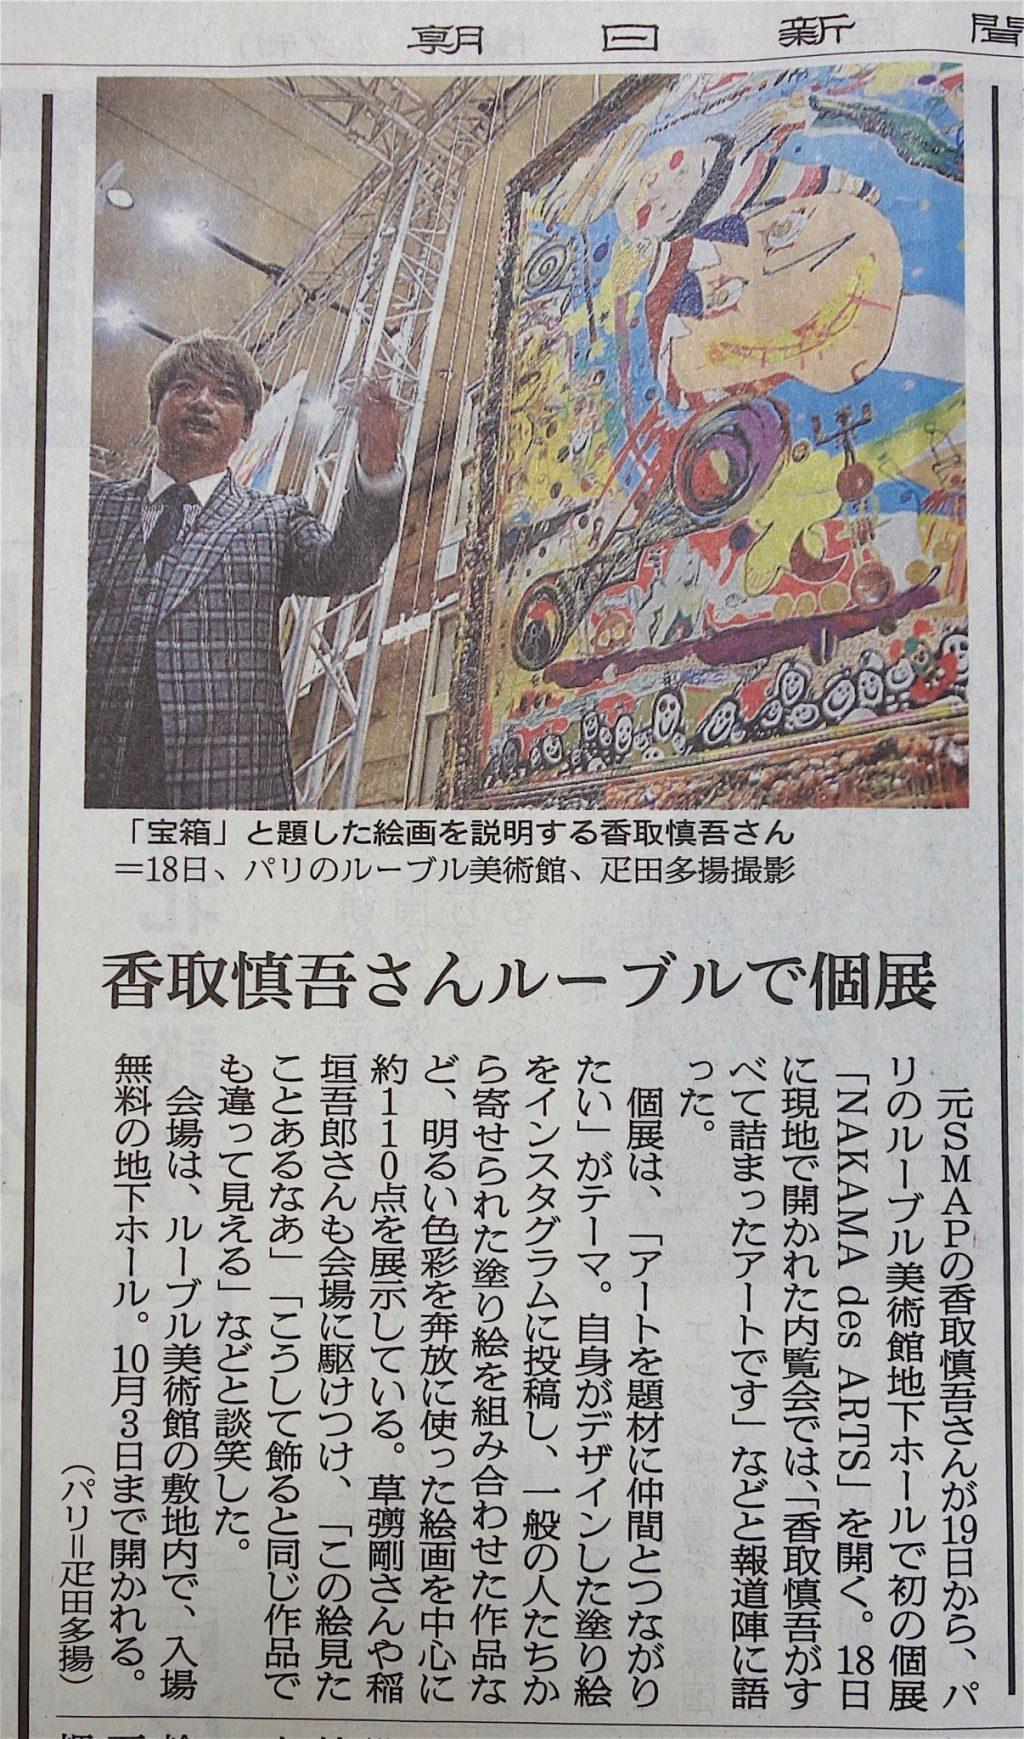 今日の朝日新聞夕刊、香取慎吾の個展